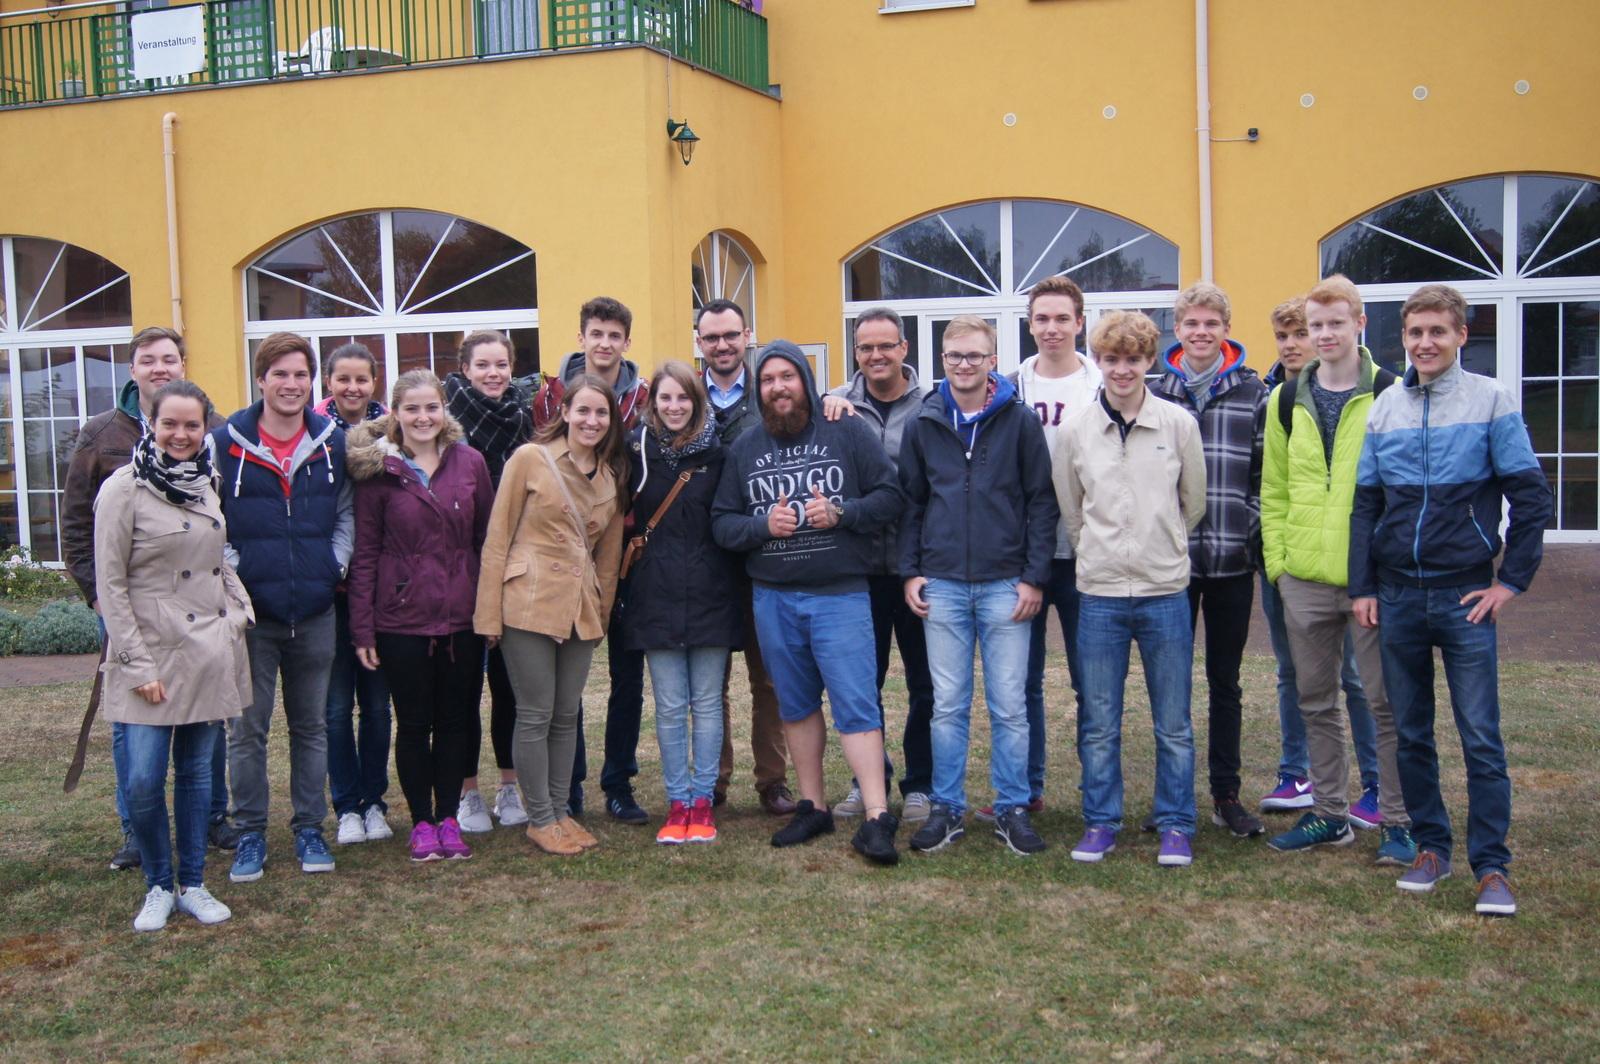 Die Jugendlichen der Campus-Weggemeinschaft konnten von den Erfahrungen der Suchtkranken lernen.